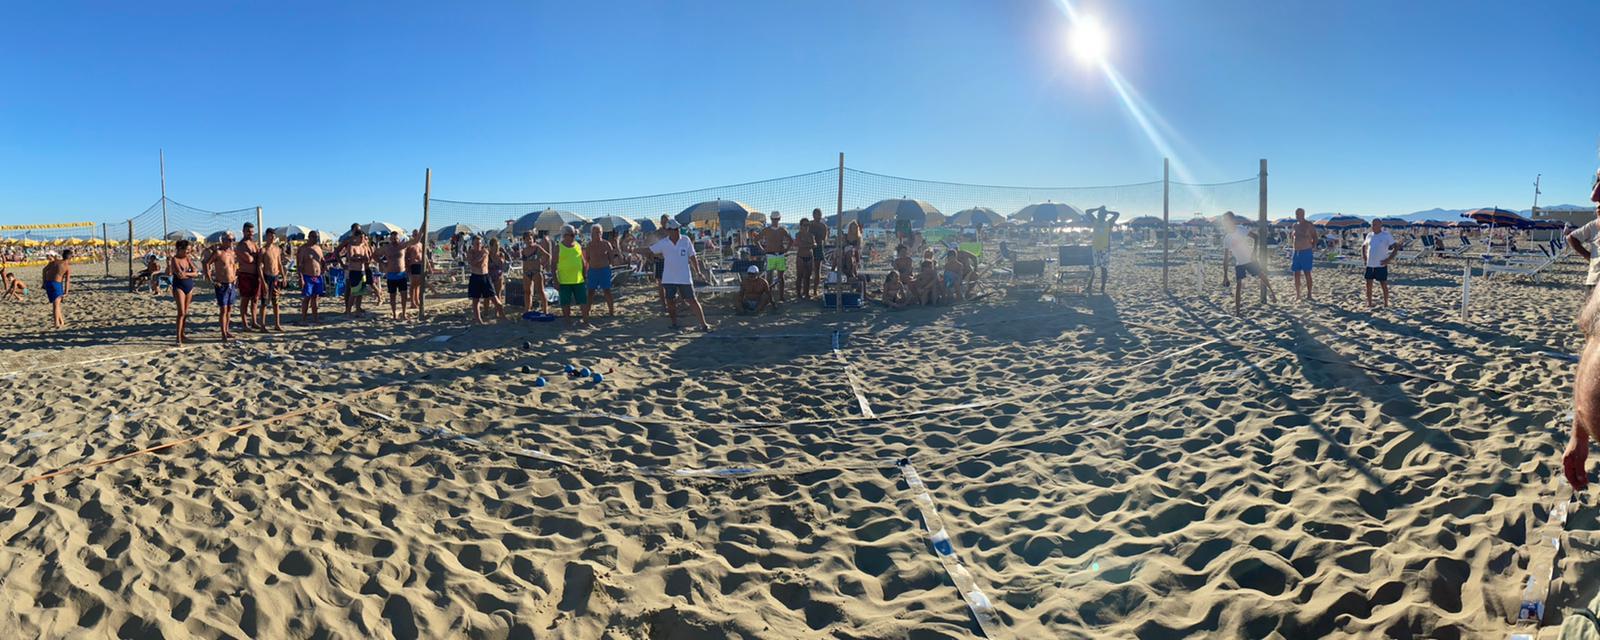 Beach Bocce Bagno Stella Marina Grosseto 20 08 20 (18)